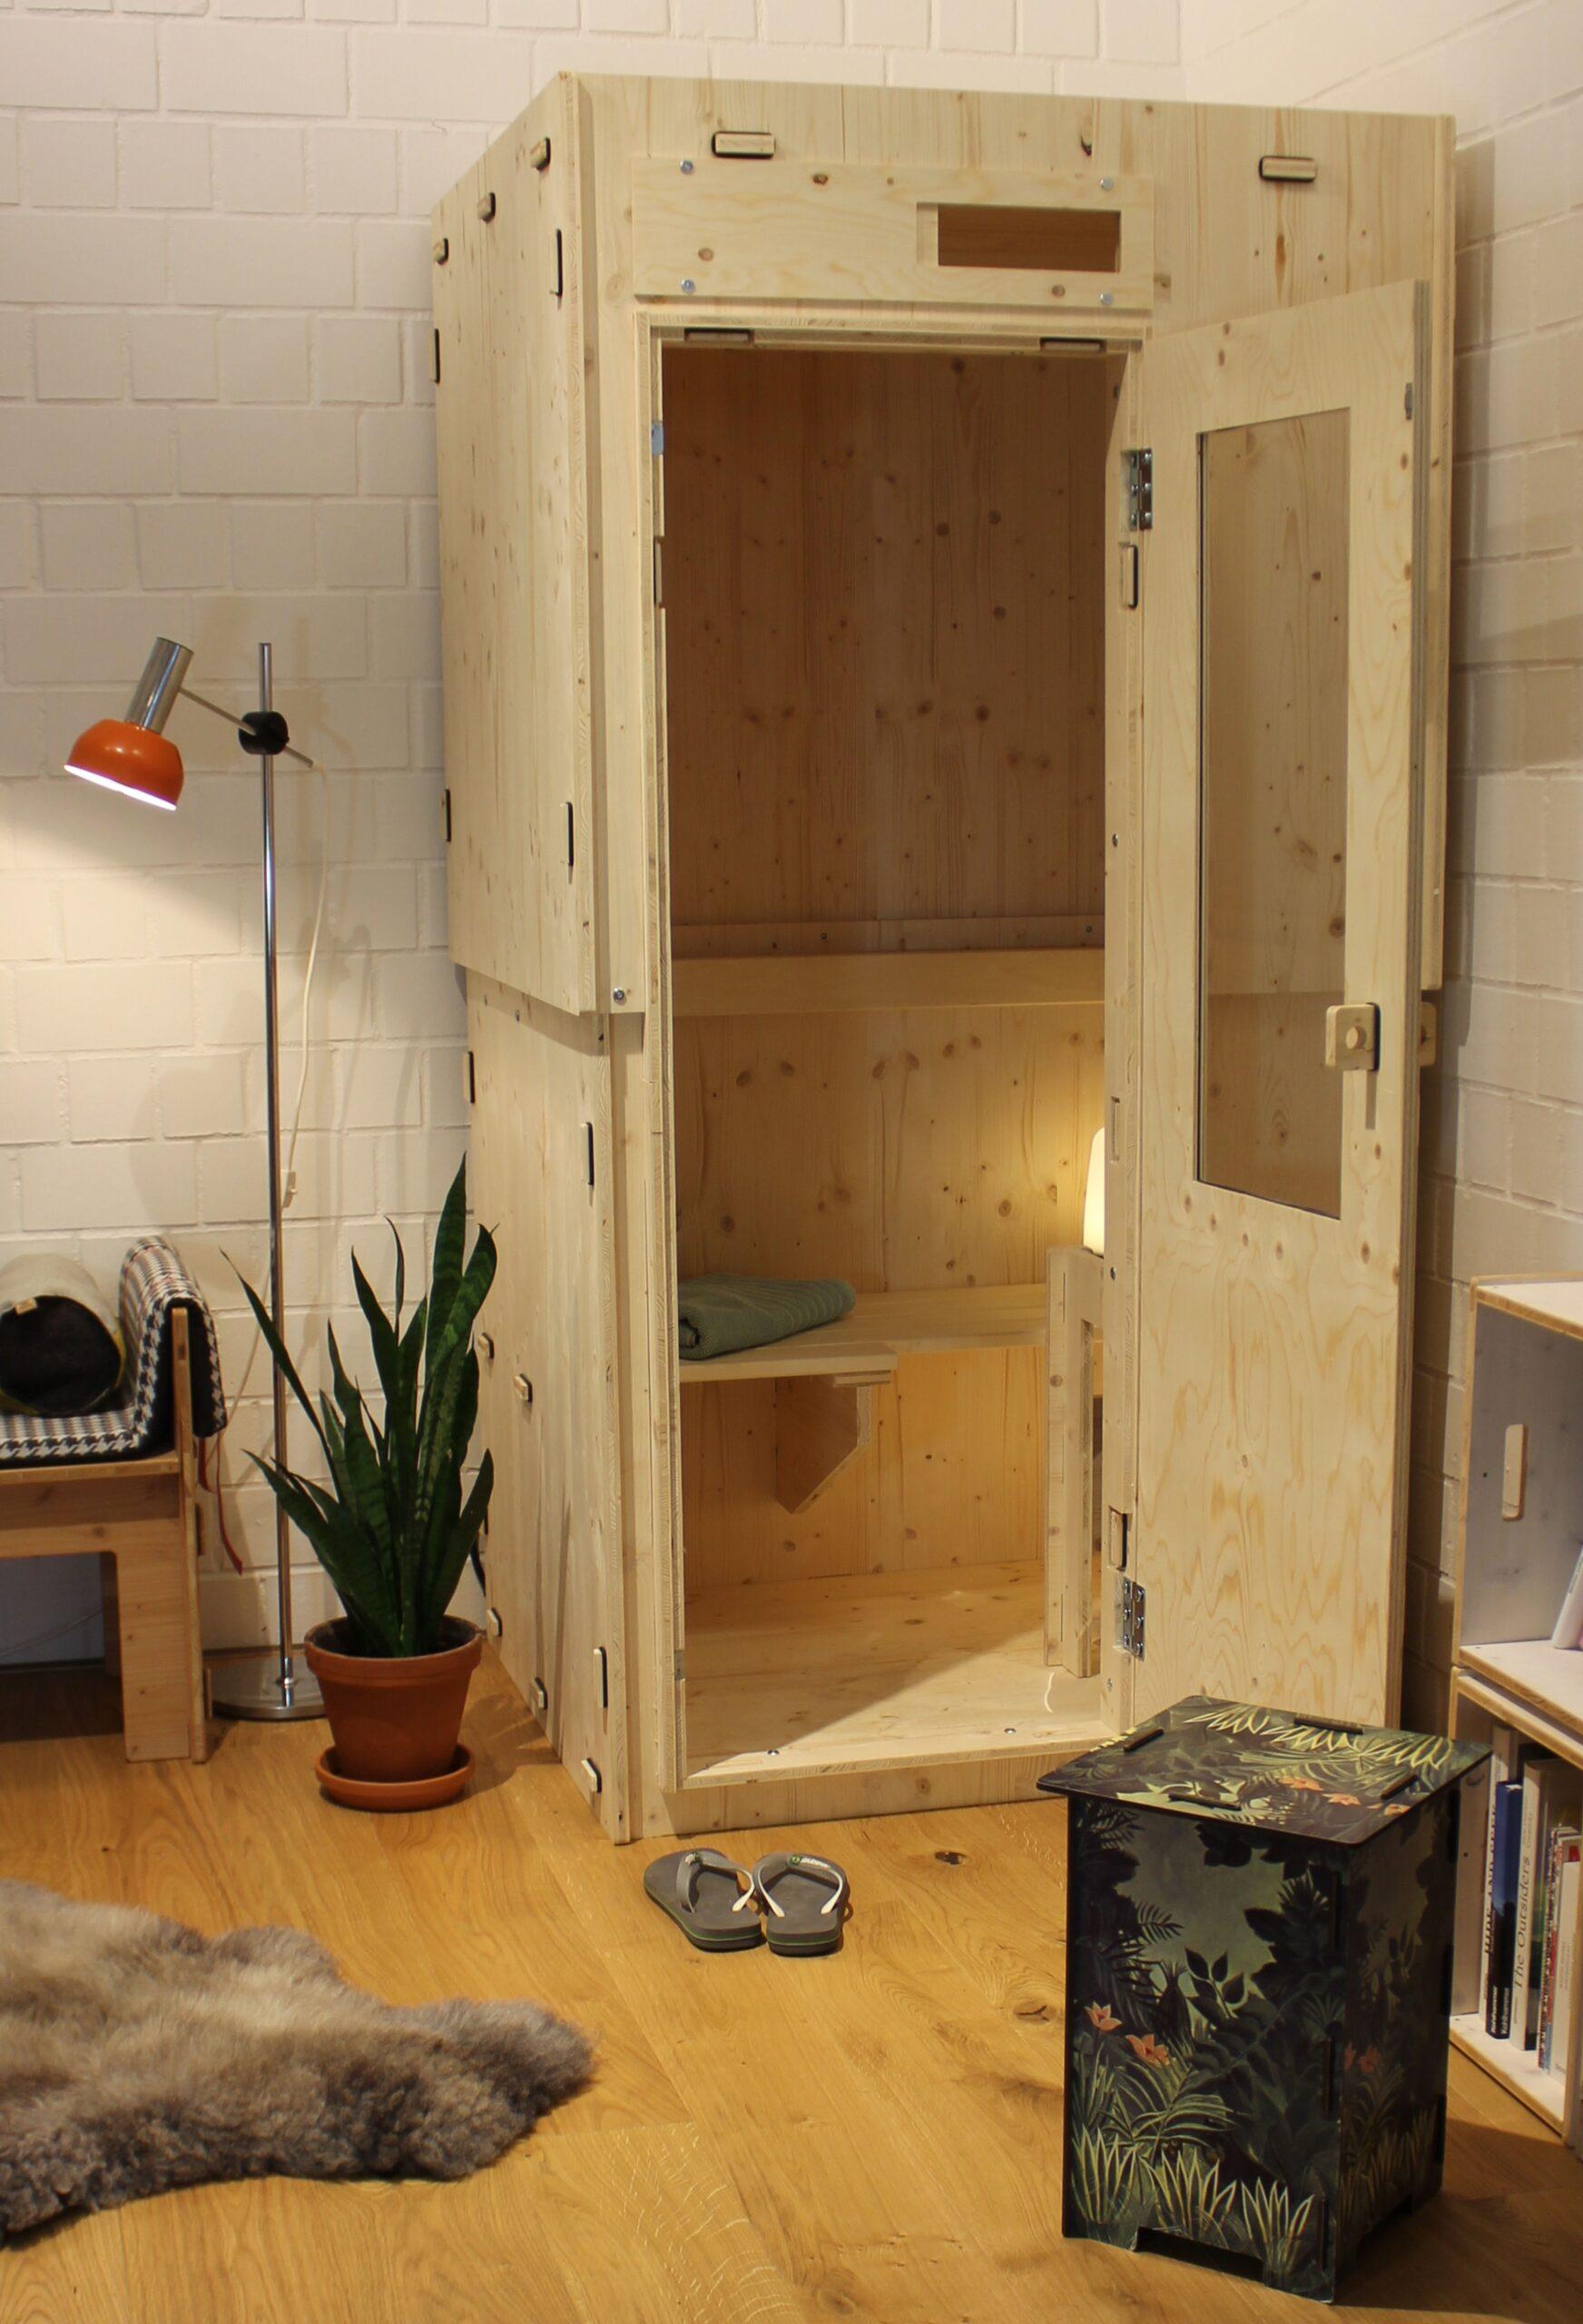 Full Size of Gartensauna Bausatz Indoor Sauna Werkhaus Wohnzimmer Gartensauna Bausatz